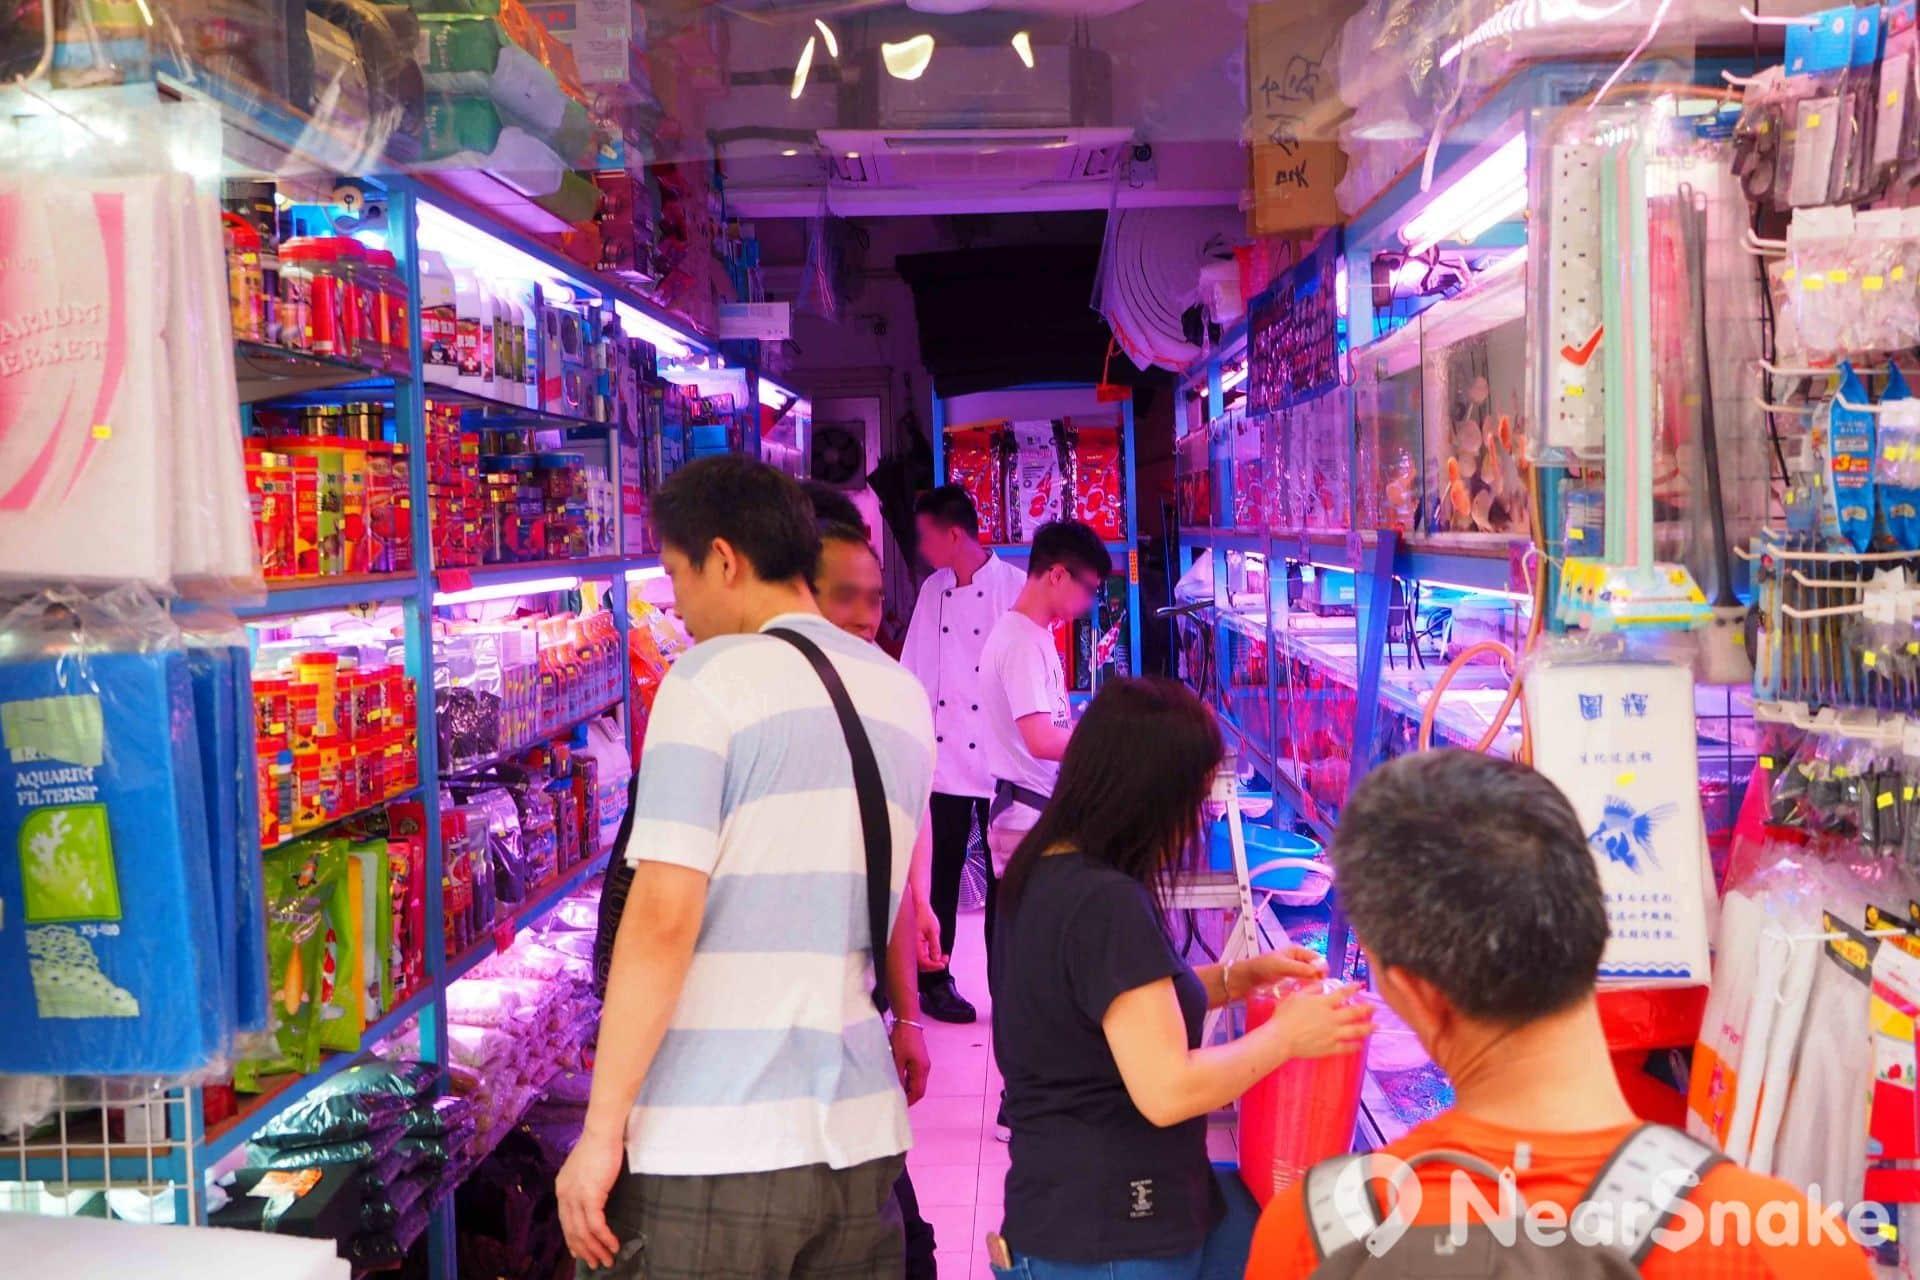 販賣金魚和水族用品的店舖在金魚街上成行成市,吸引不少養魚發燒友四處尋寶。